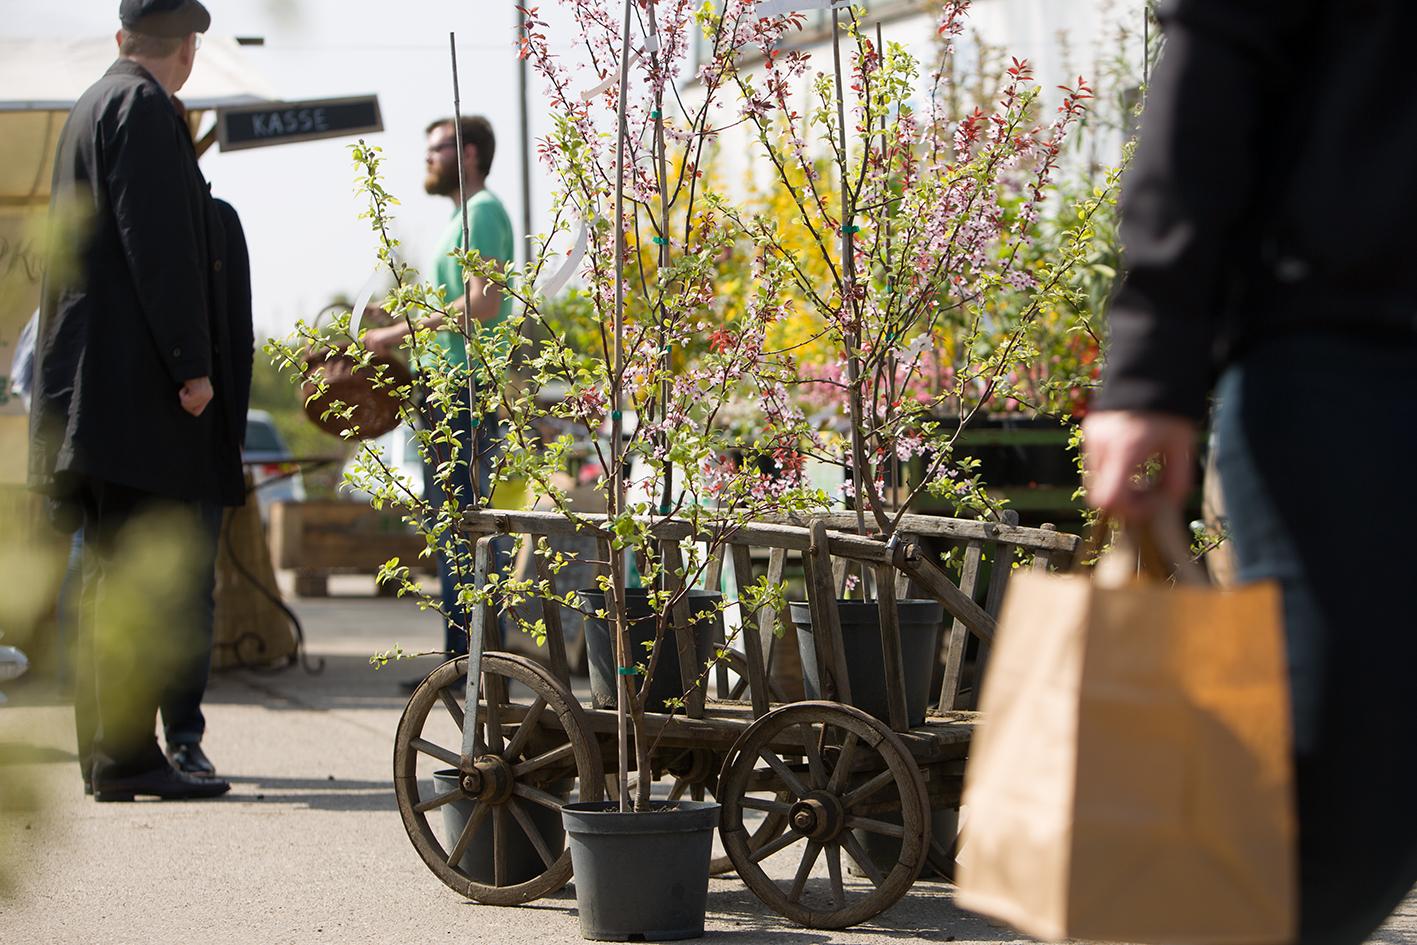 Blühende Gehölze beim Saisonstart in den Späth'schen Baumschulen